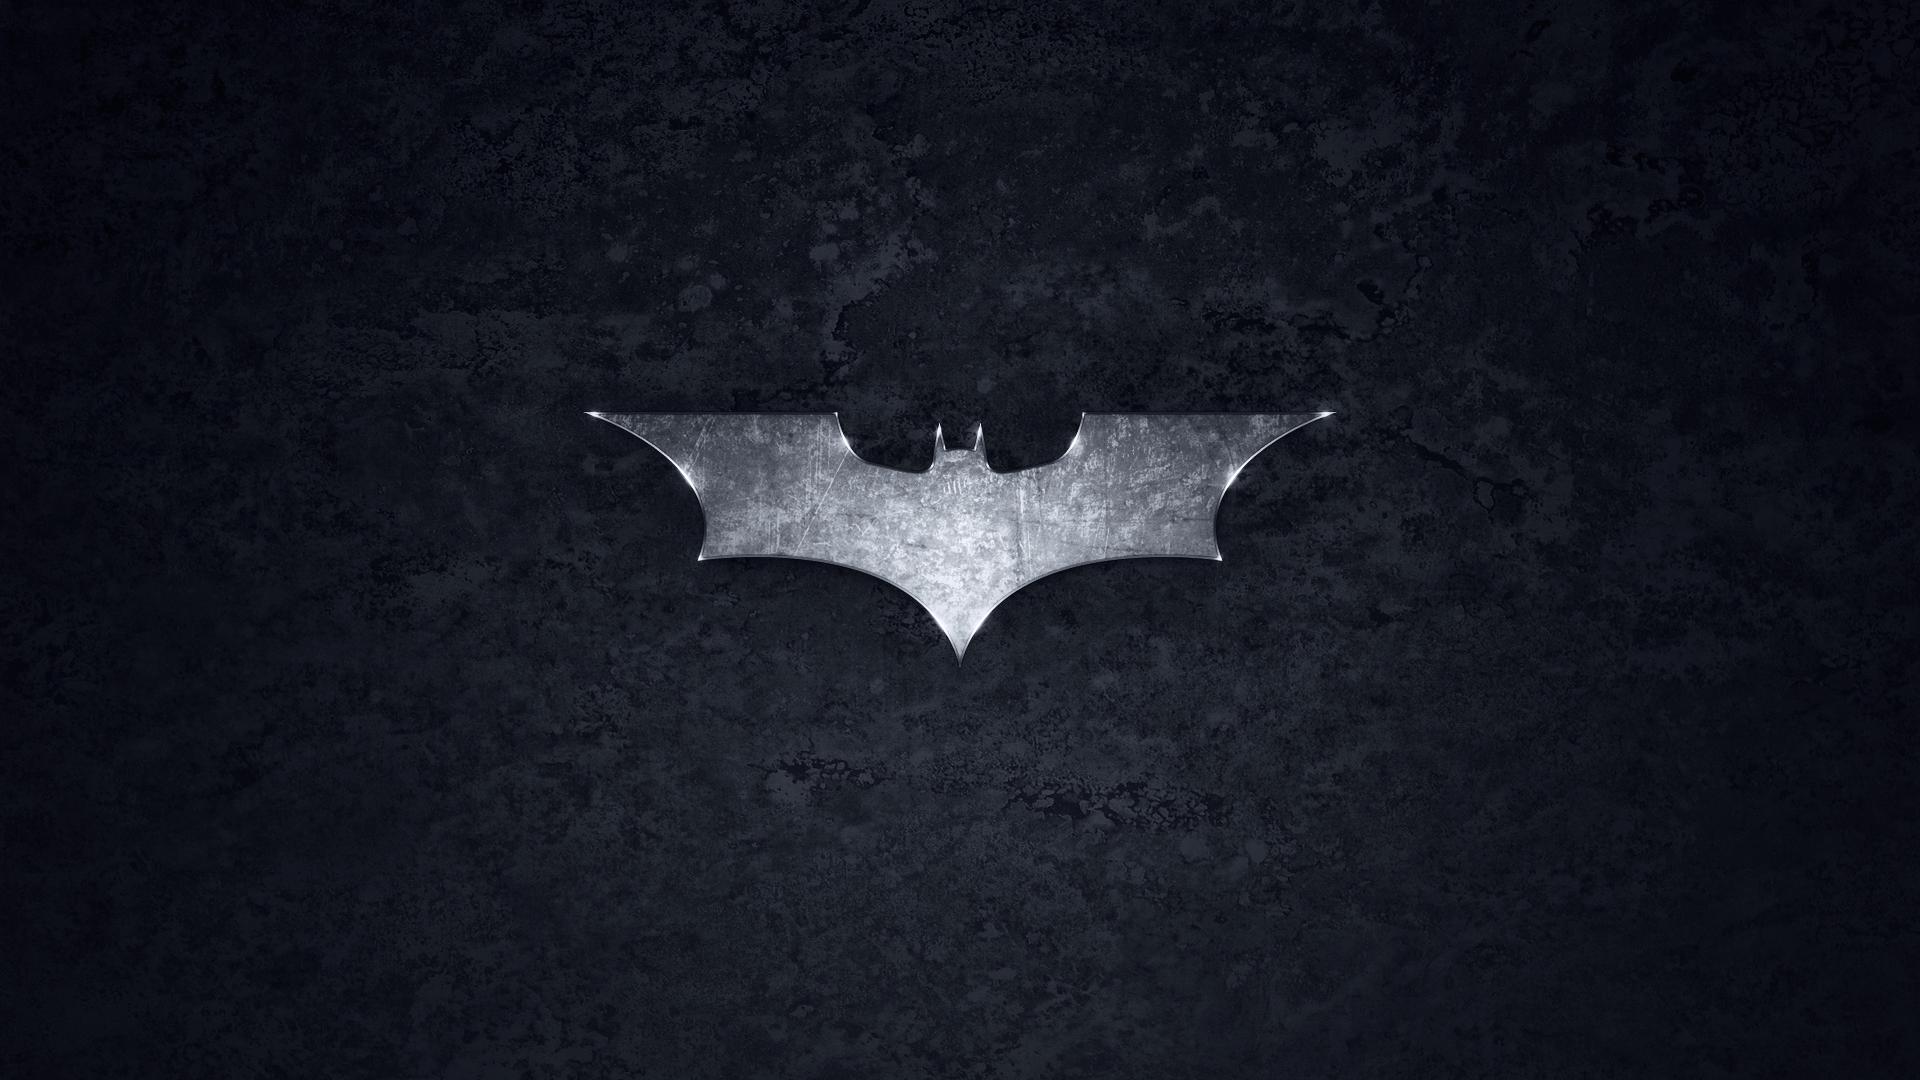 Batman minimalistic full hd wallpaper Full HD Wallpapers download 1920x1080